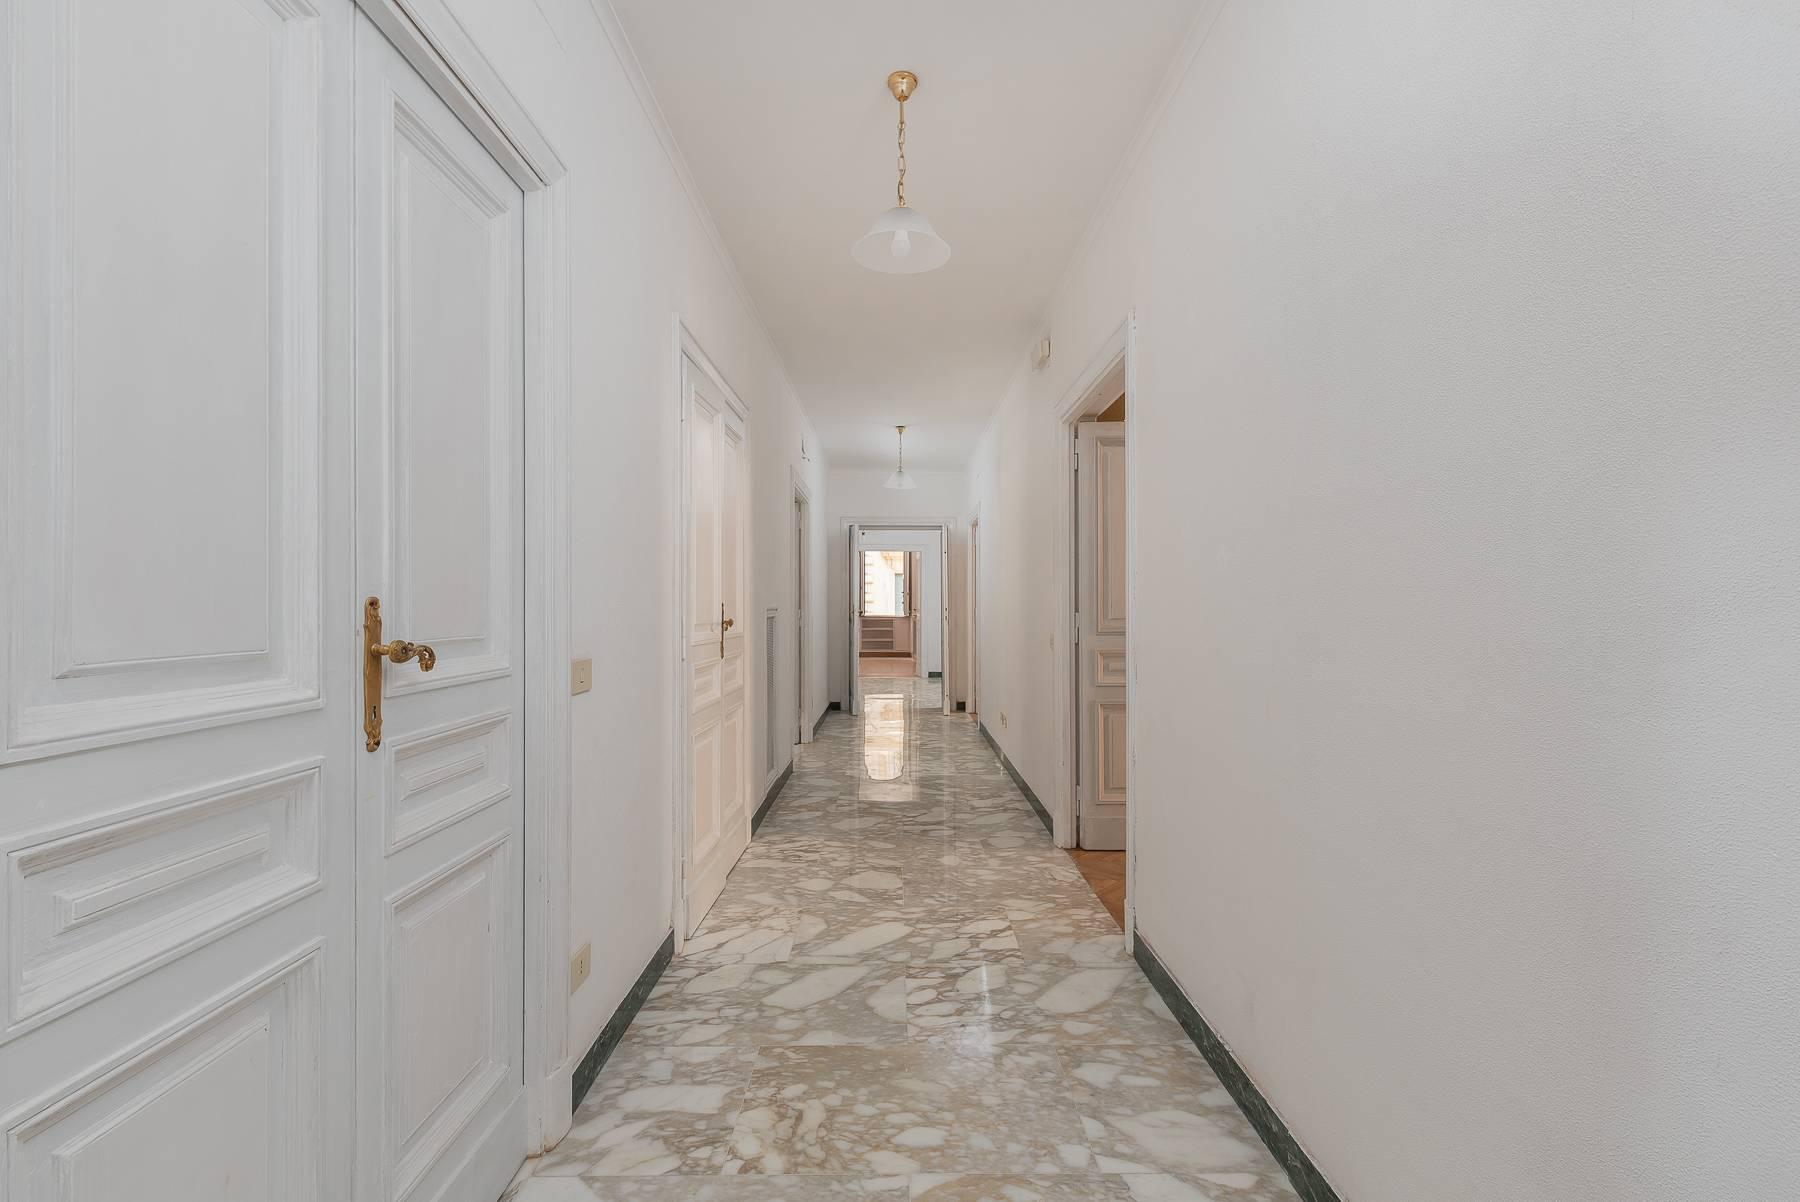 Ufficio-studio in Vendita a Roma: 5 locali, 322 mq - Foto 4